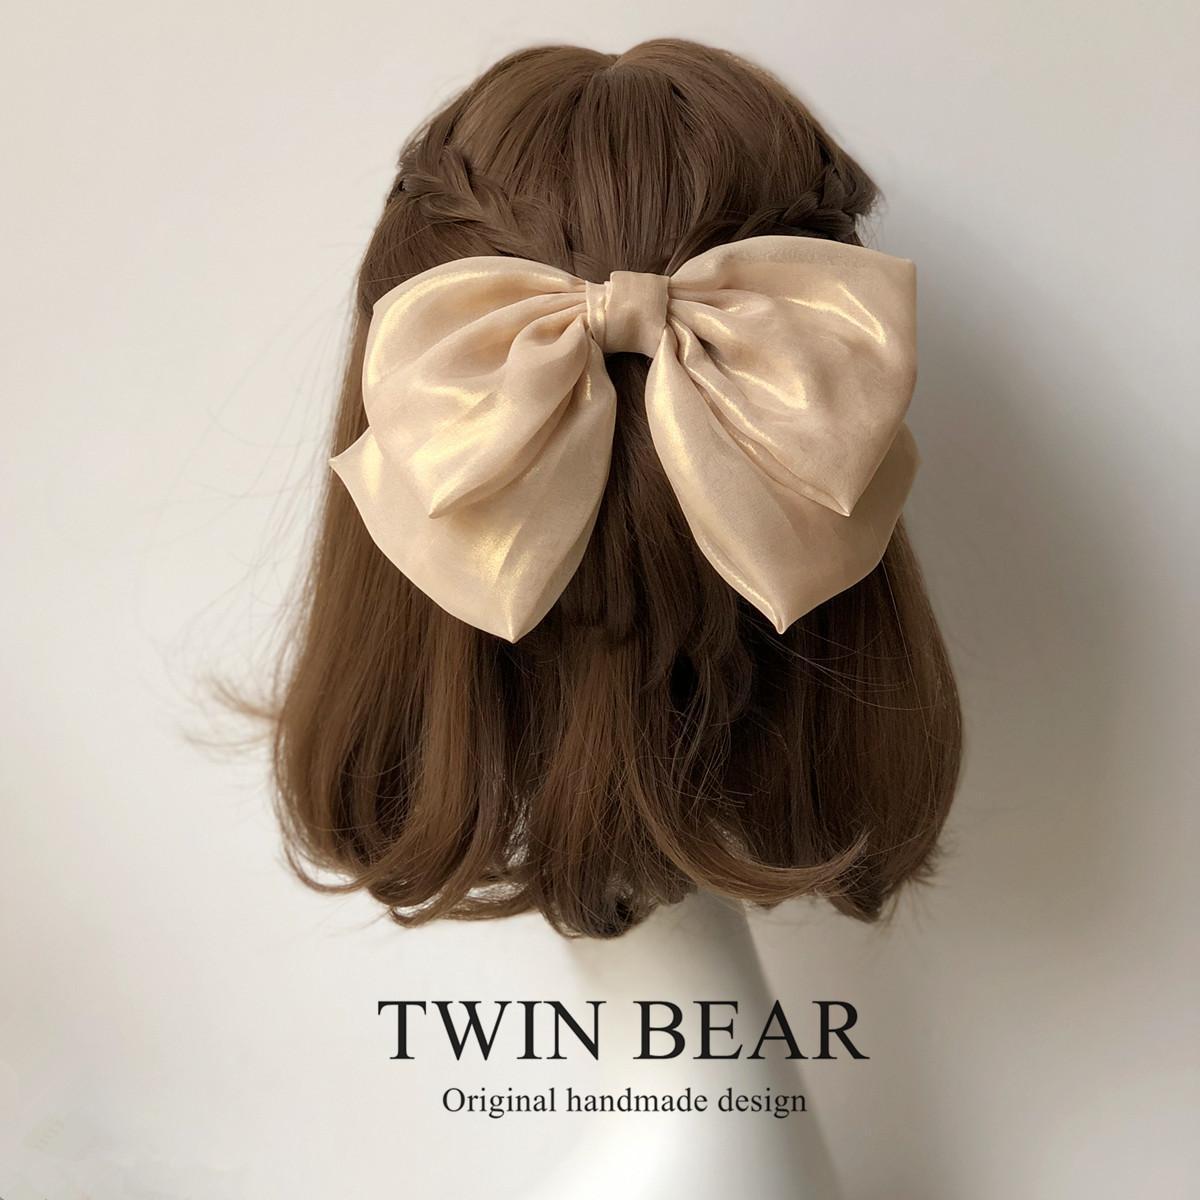 Clip b7q78 Hair Fashion perla per i regali delle ragazze delle donne Barrette fiore Handmade parte superiore della perla tornante Accessori capelli festa di nozze